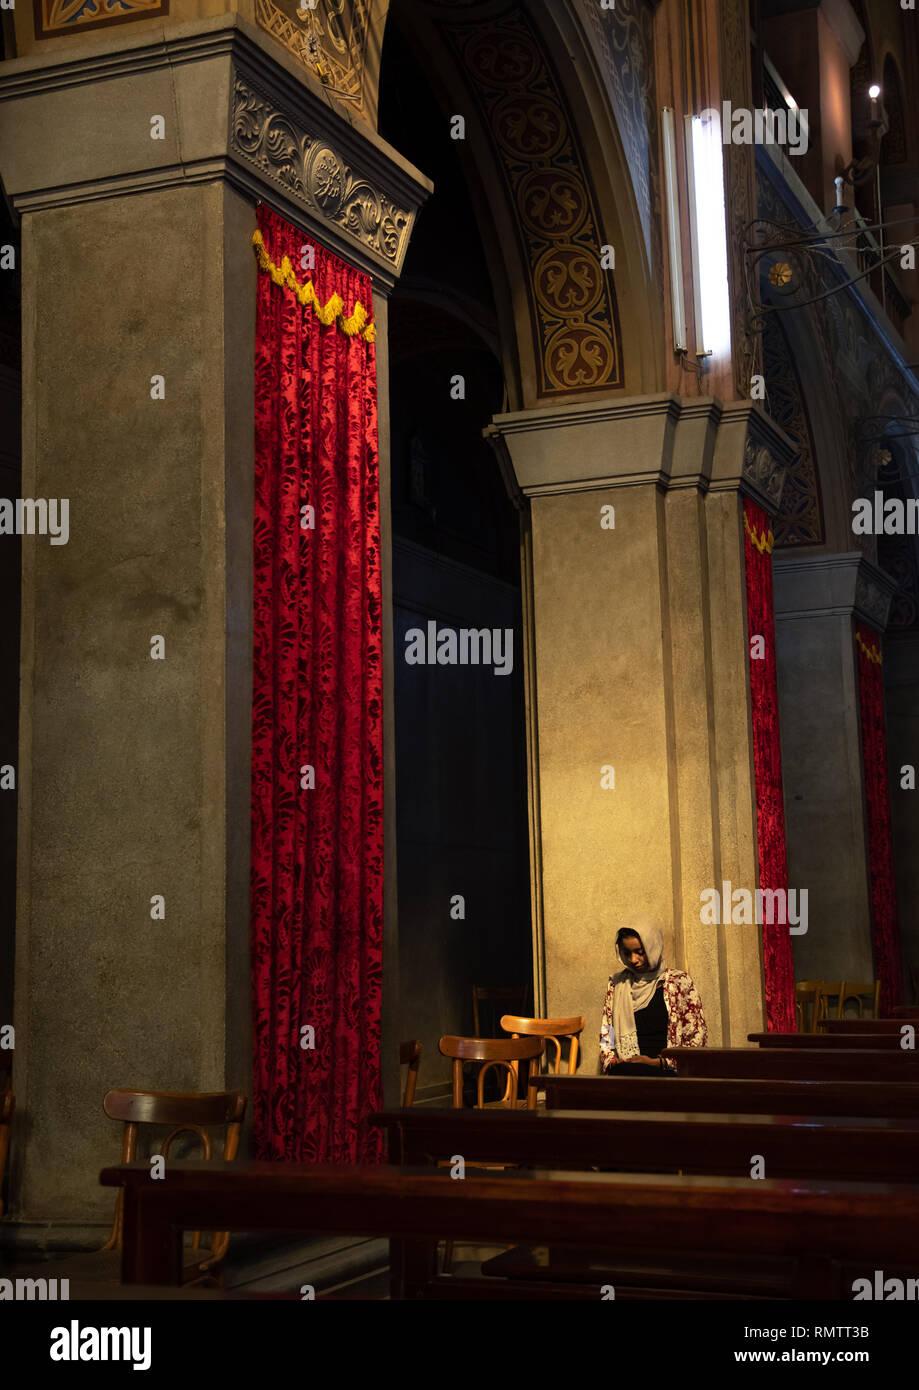 Woman praying inside st Matthew cathedral, Khartoum State, Khartoum, Sudan - Stock Image